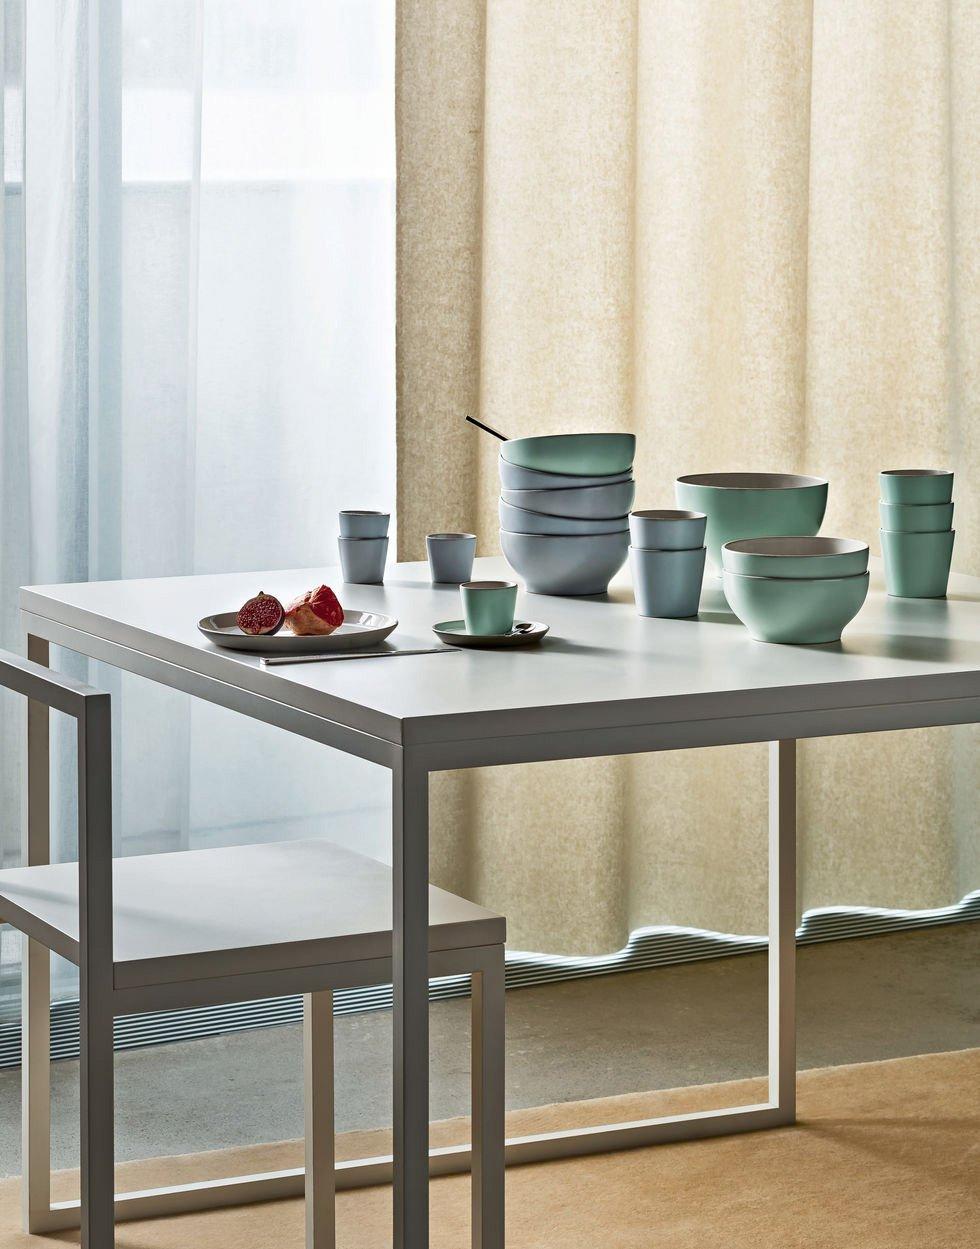 12 servizi di piatti per la tavola di primavera cose di casa for Ciotola alessi prezzo